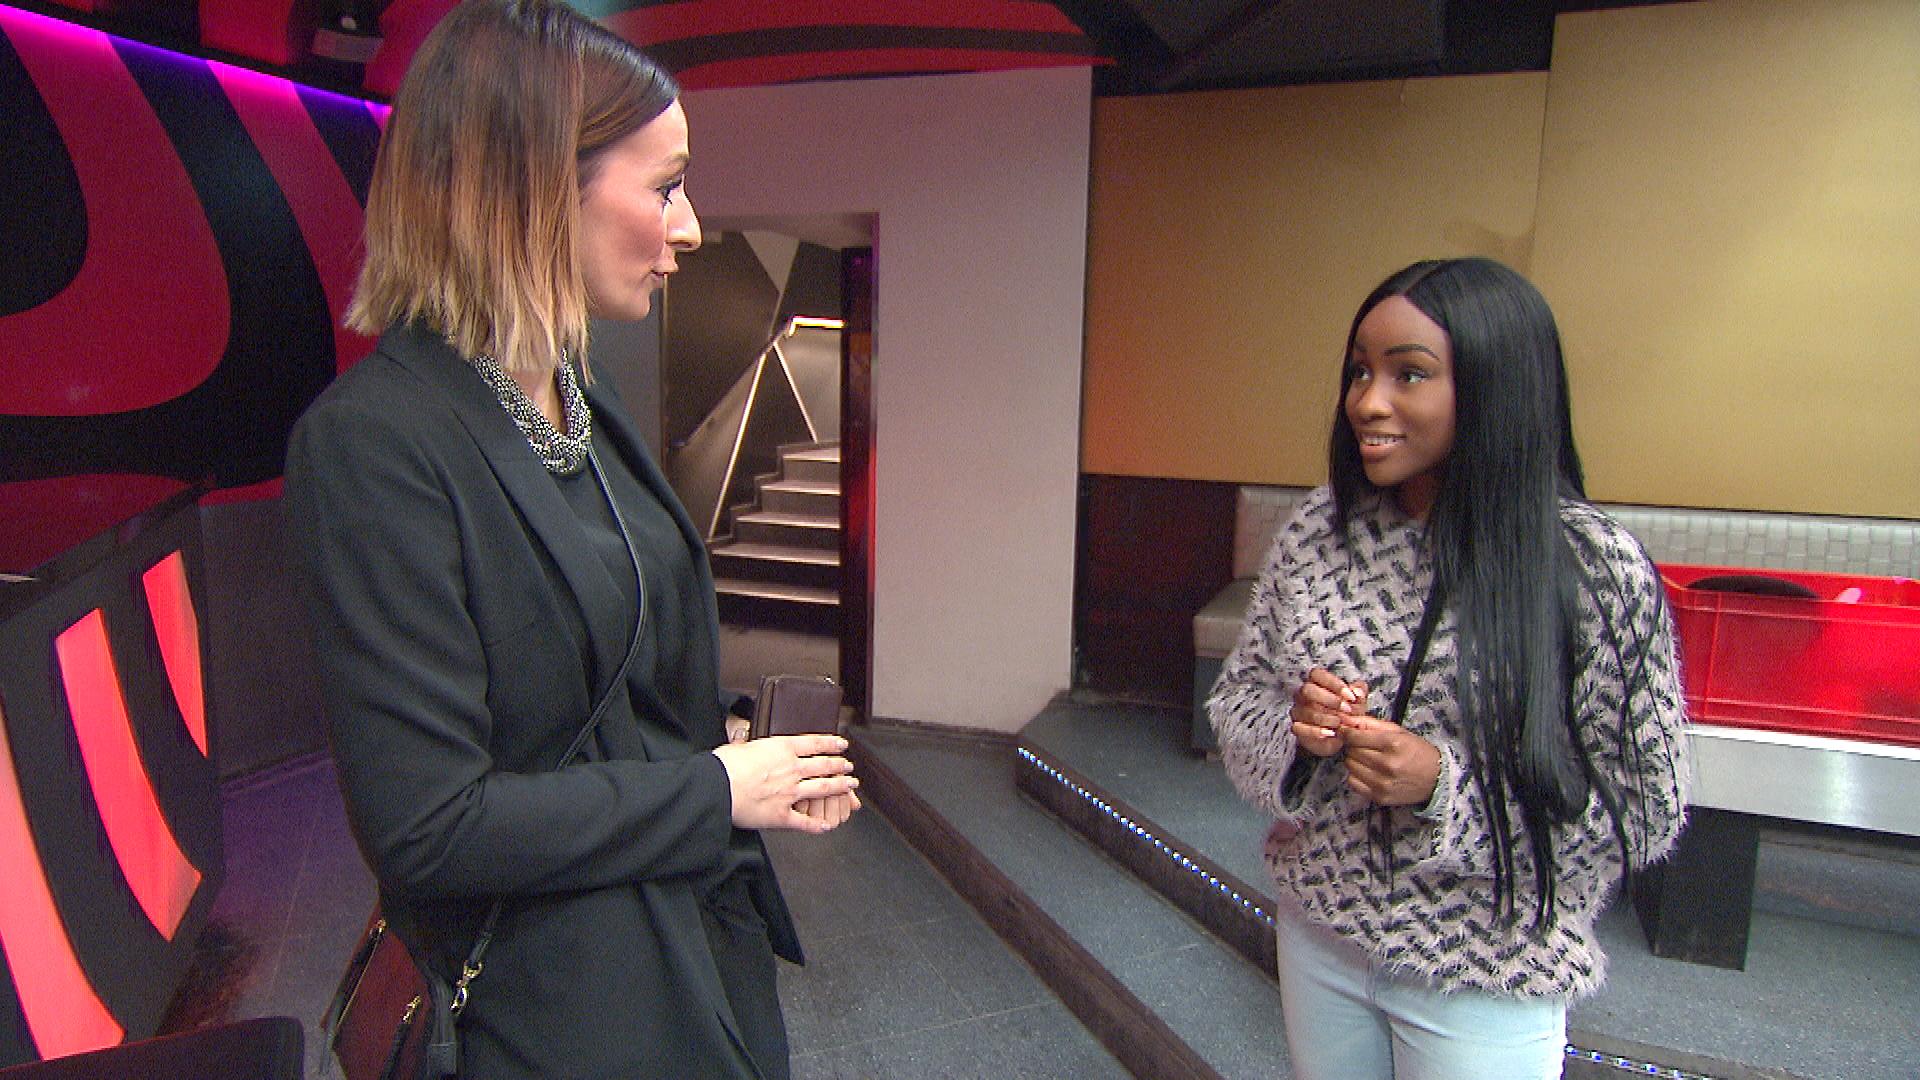 Michelle,re., ist von einer erfolgreichen, jungen Unternehmerin,li., zu einem Vorstellungsgespräch eingeladen. (Quelle: RTL 2)